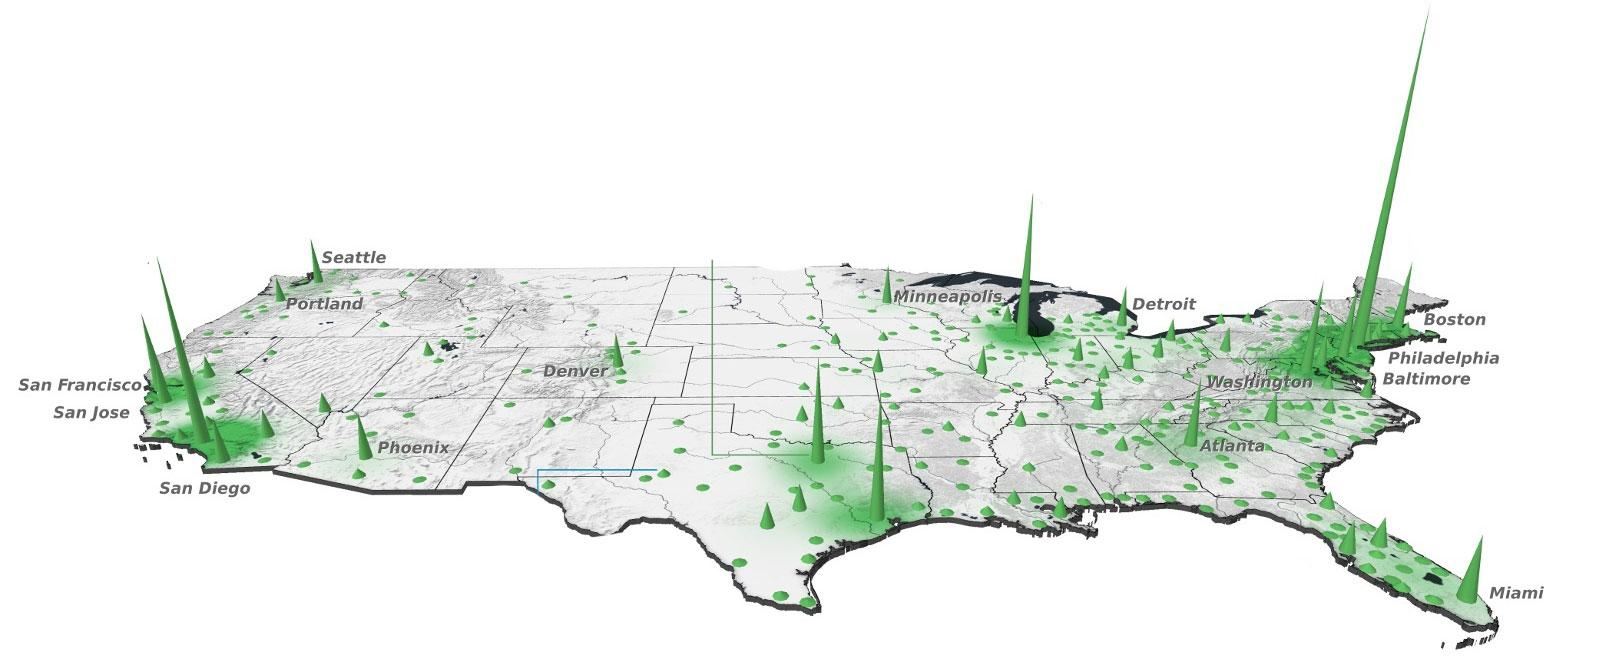 وسعتِ-اقتصادیِ-هریک-از-ایالتهای-آمریکا-چقدر-است؟